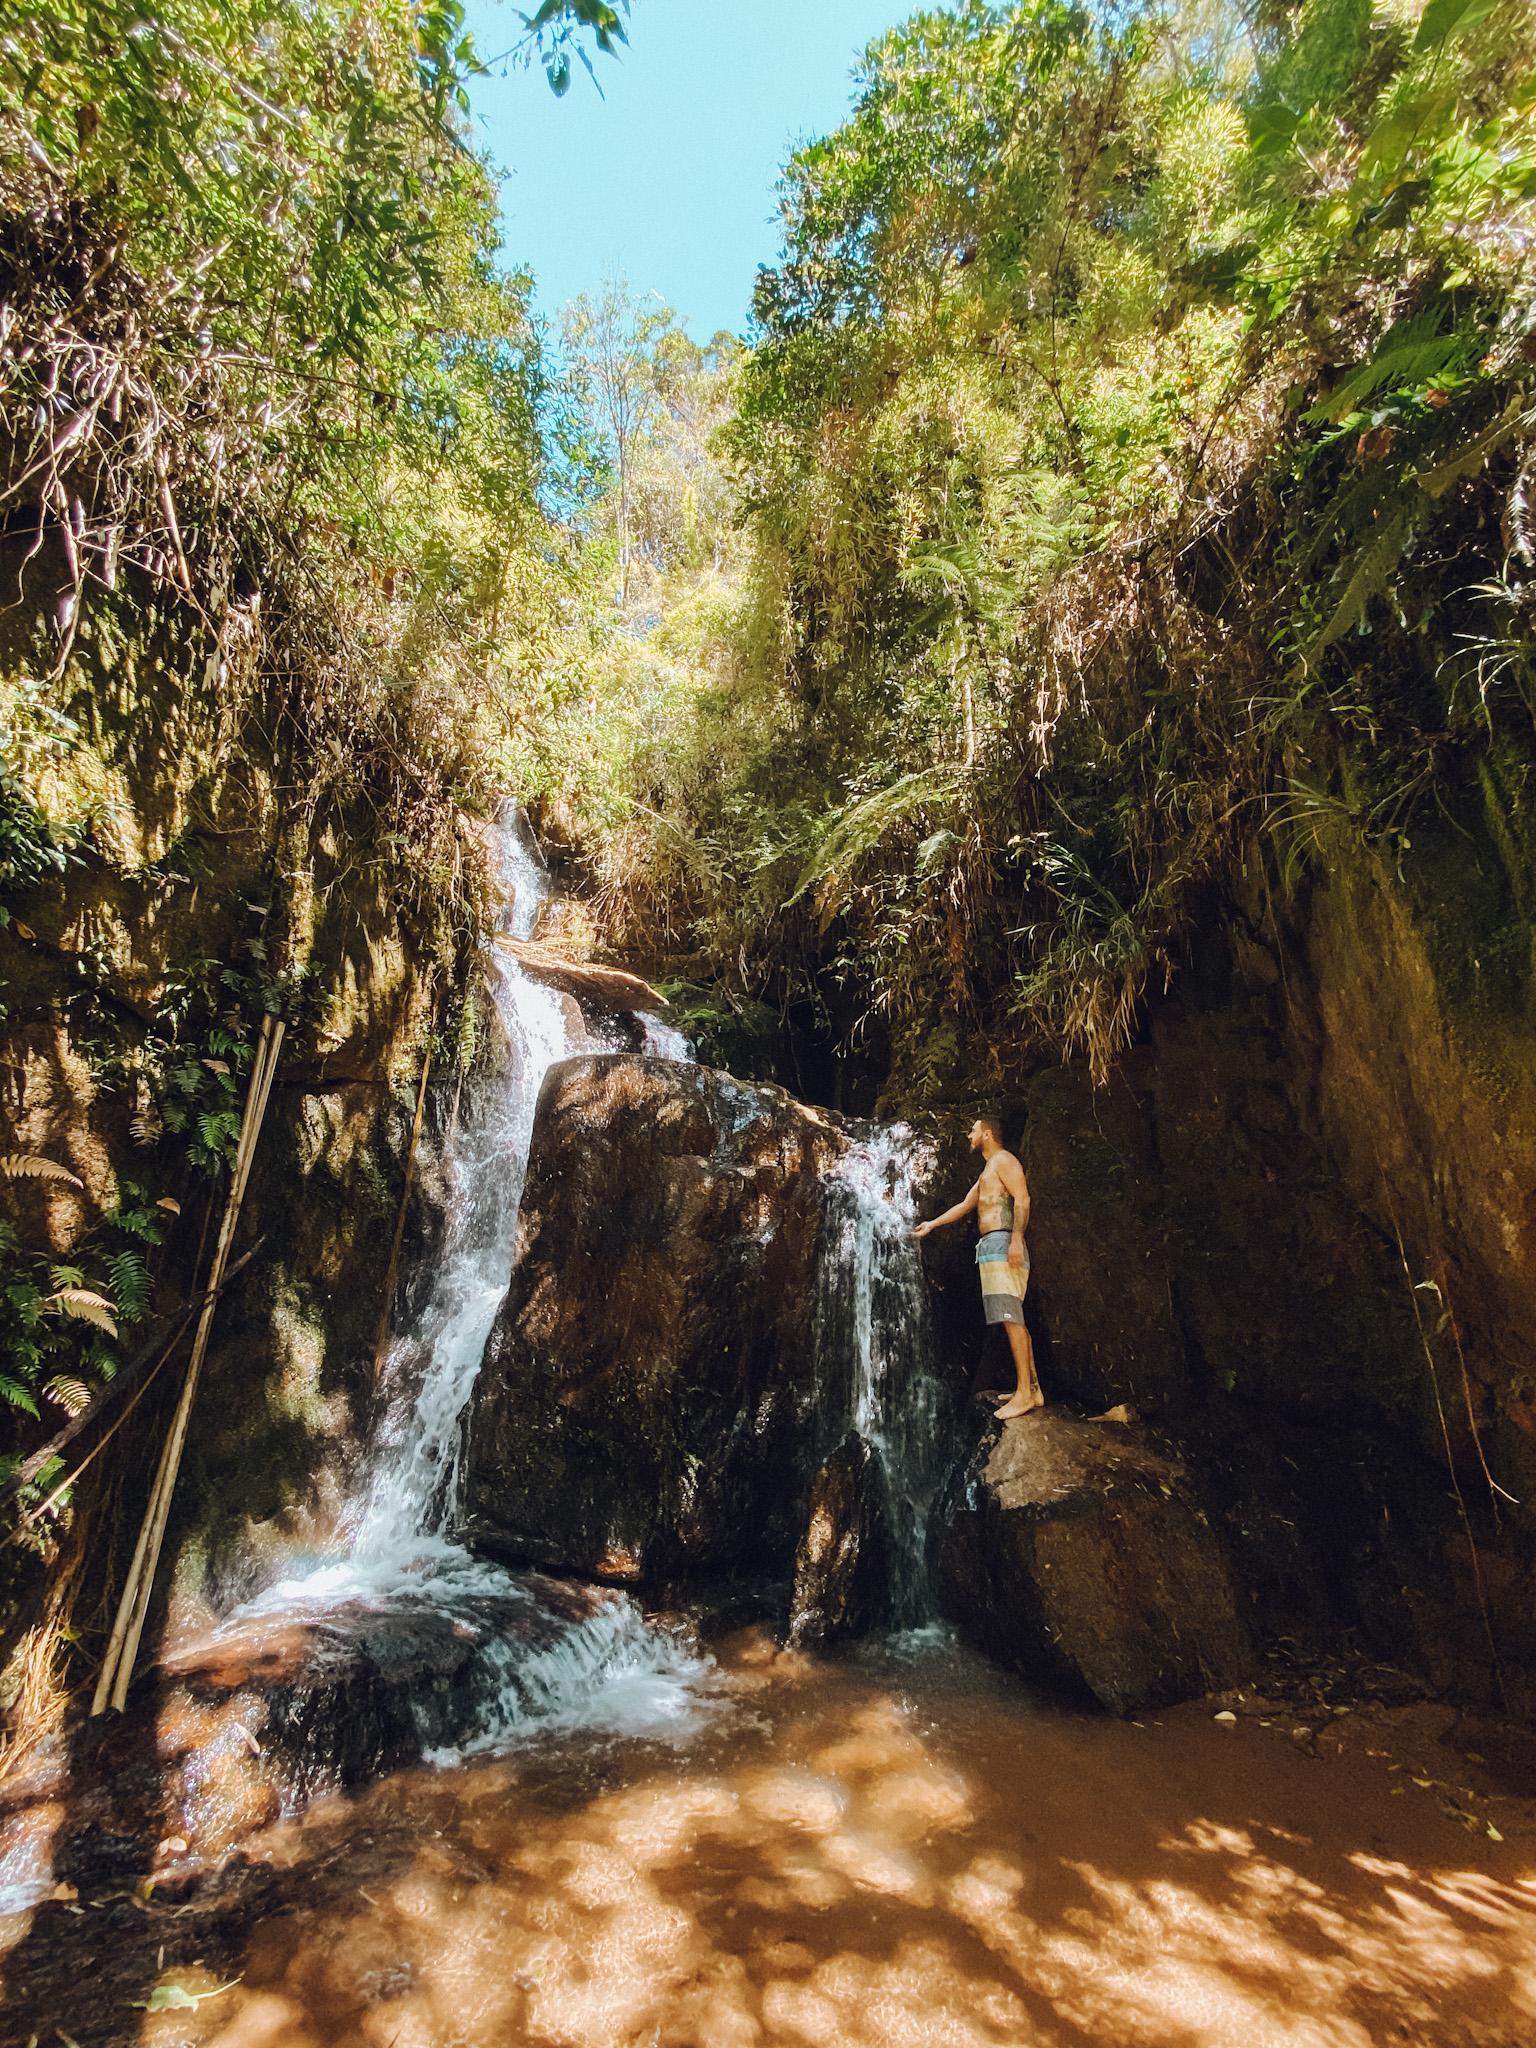 Cachoeira no condomínio da casa em Campos do Jordão (Foto: Trip To Follow)